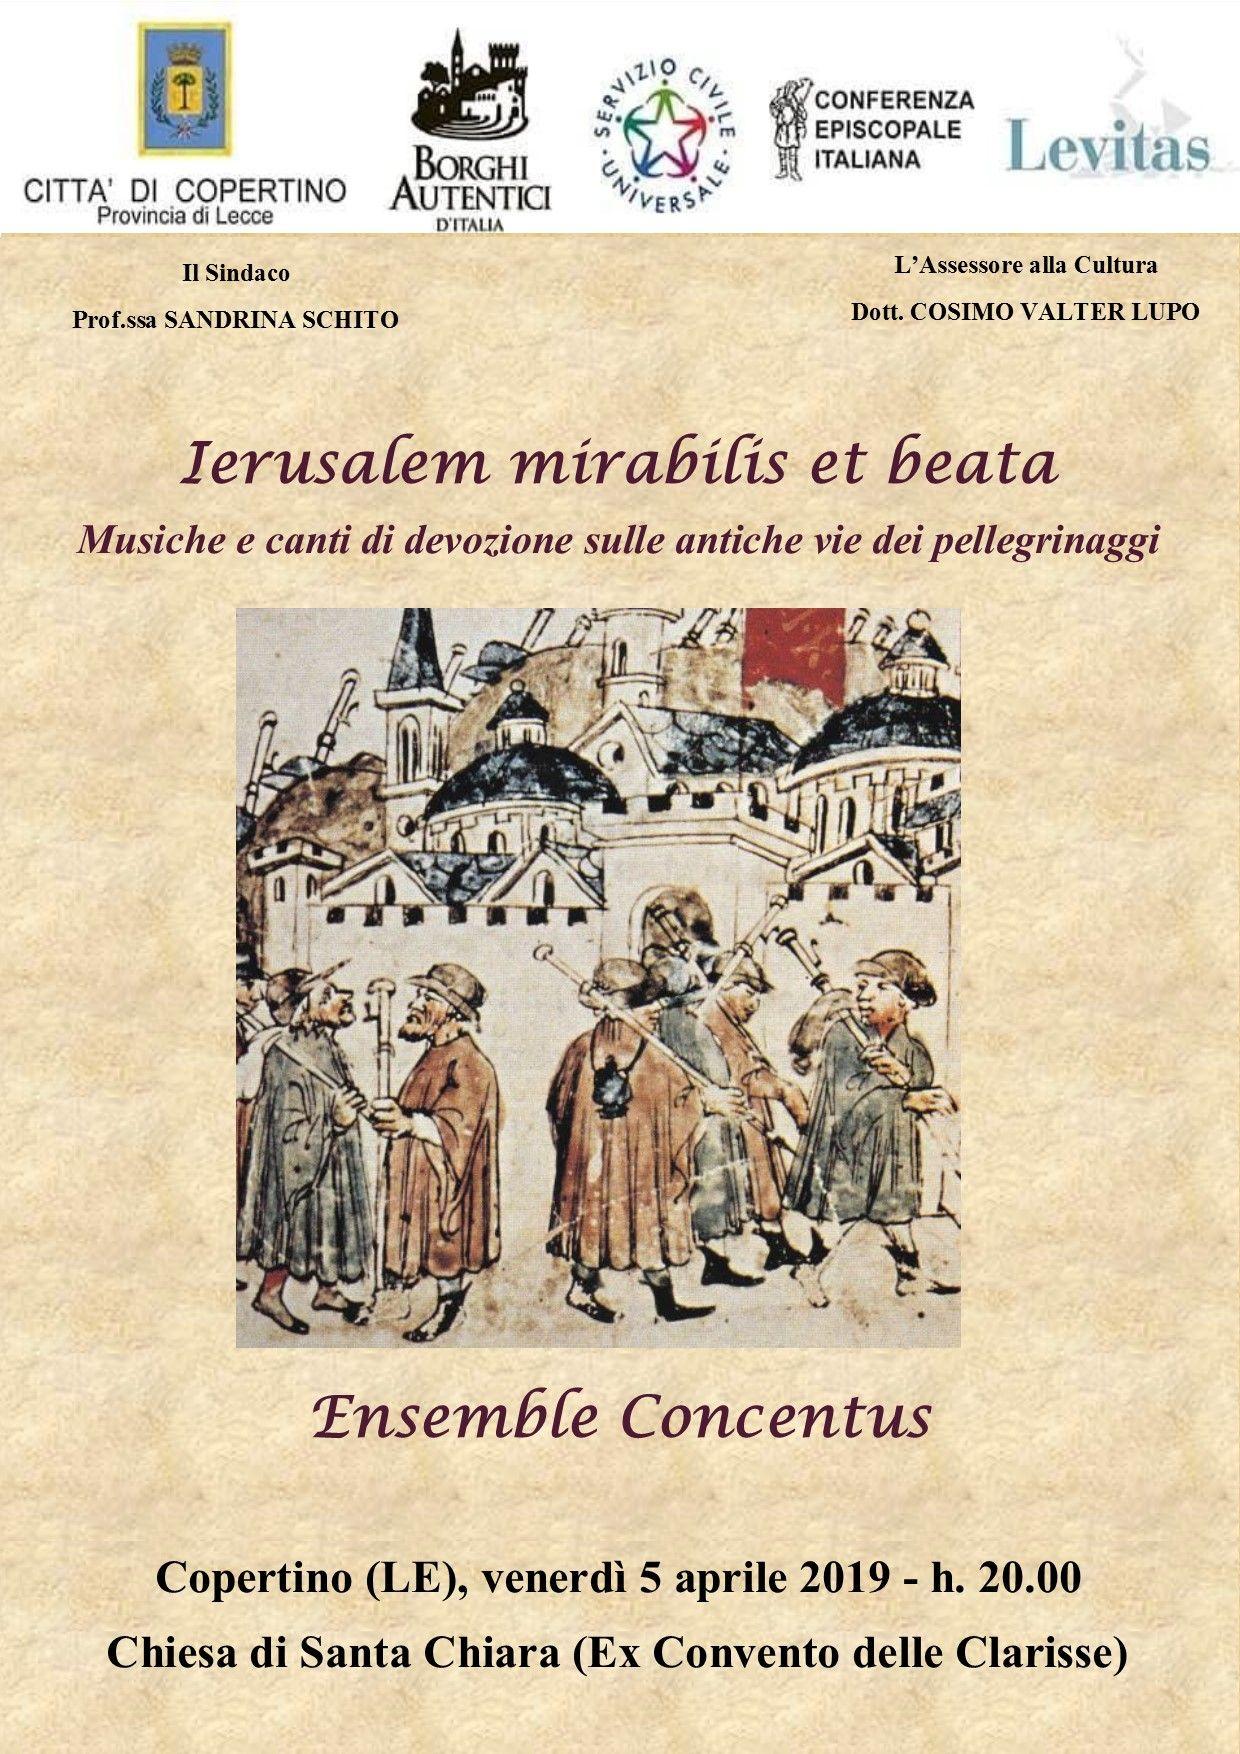 Alinari Storia Medievale Arte Egizia Antica Immagini Artistiche